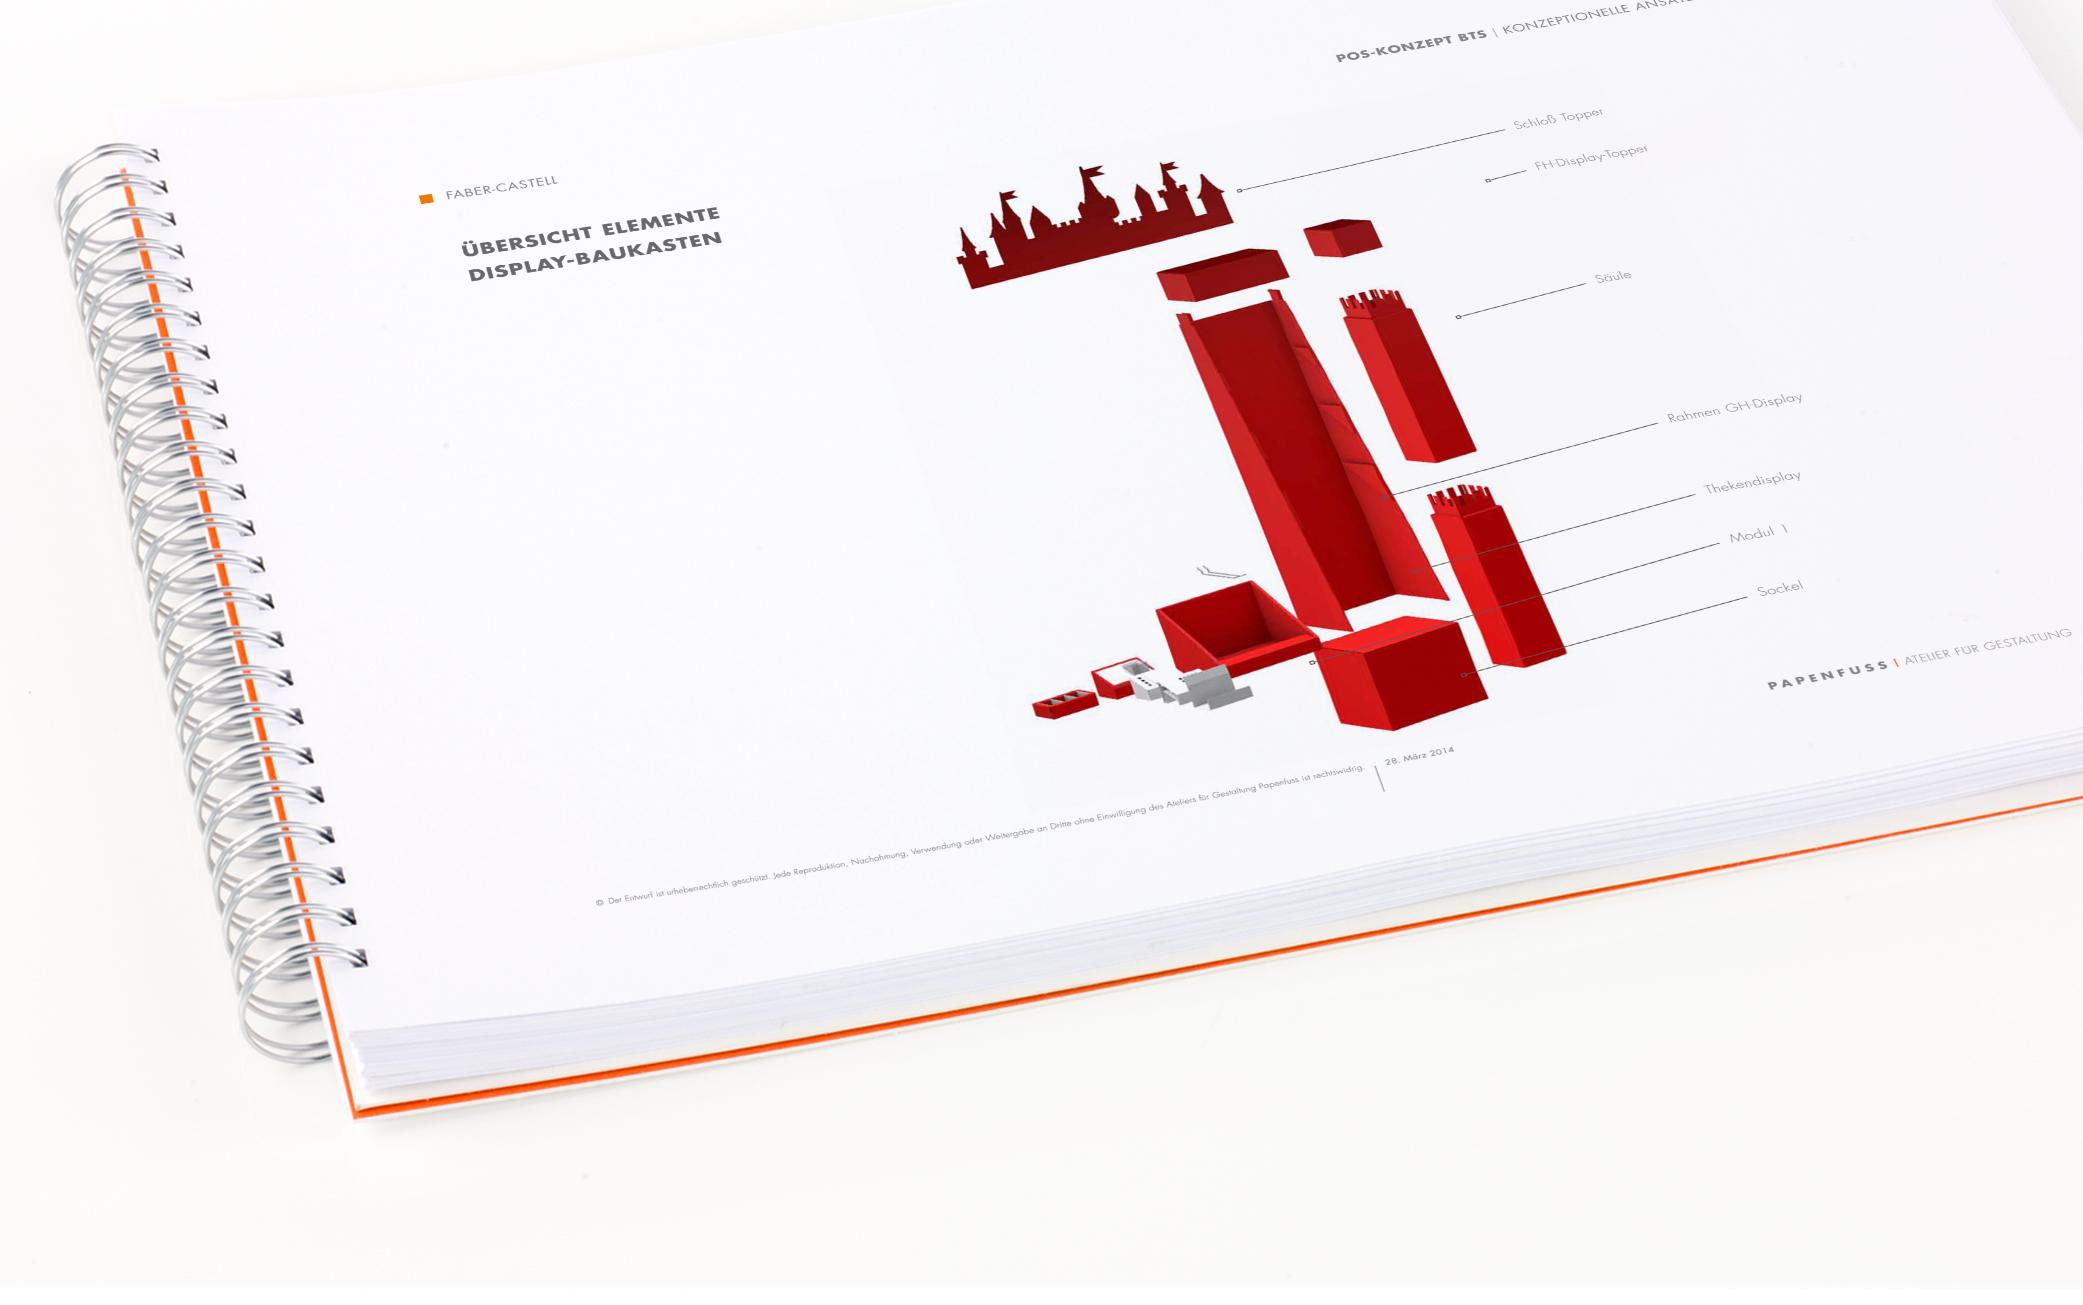 Das Bild zeigt einen Auszug aus dem Konzept Point-of-Sale (für Faber-Castell, 2014).